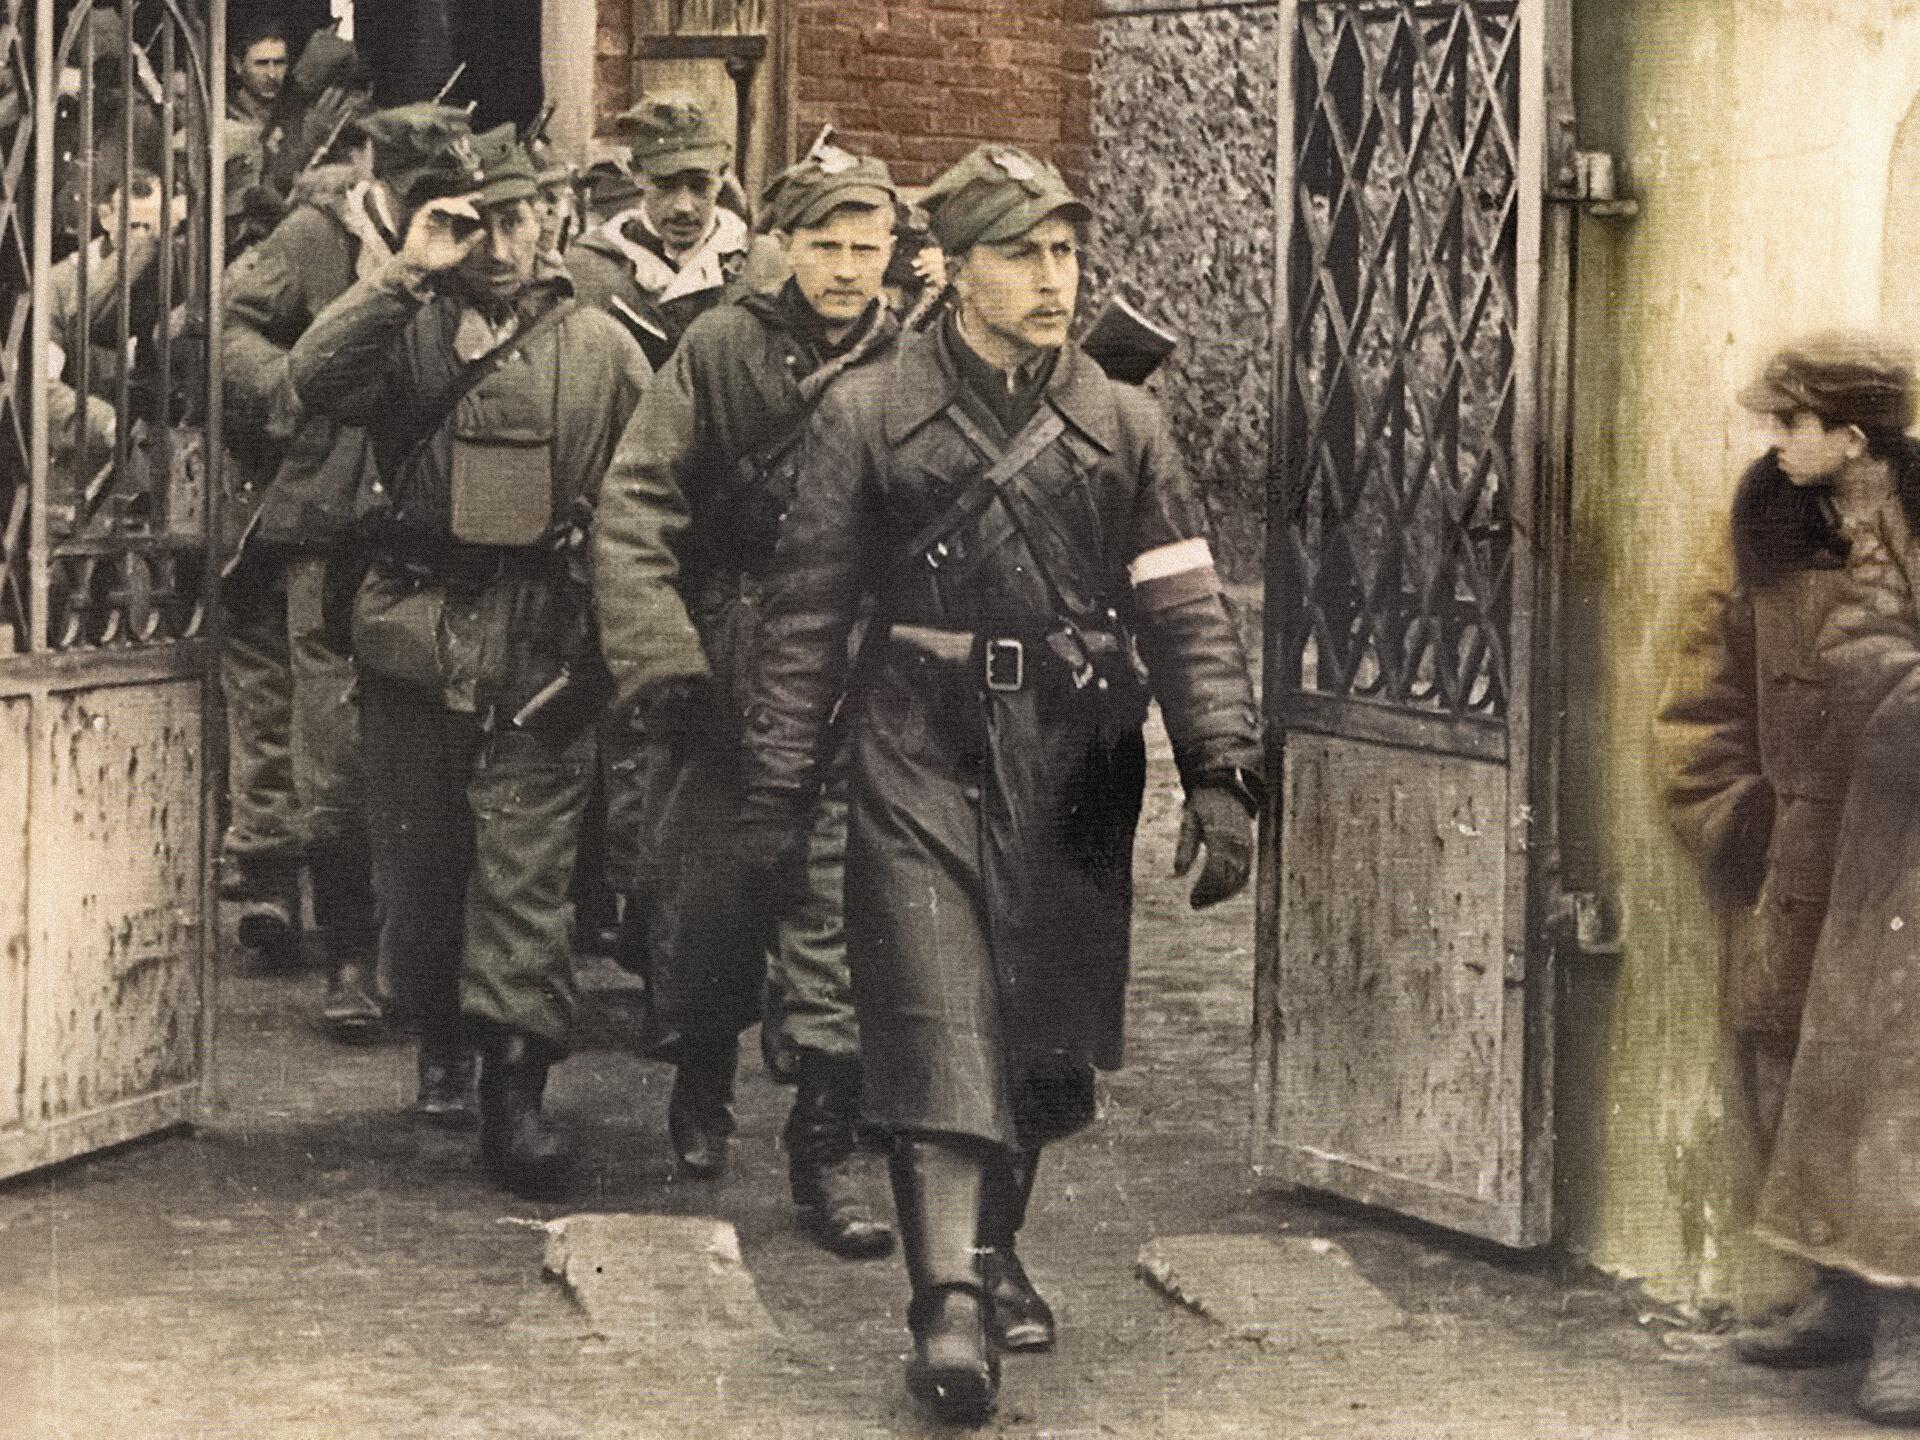 """Kapitan Romuald Rajs """"Bury"""" i Kompania Szturmowa 3 Brygady Wileńskiej AK wychodzi z kościoła w Turgielach (kwiecień 1944)"""